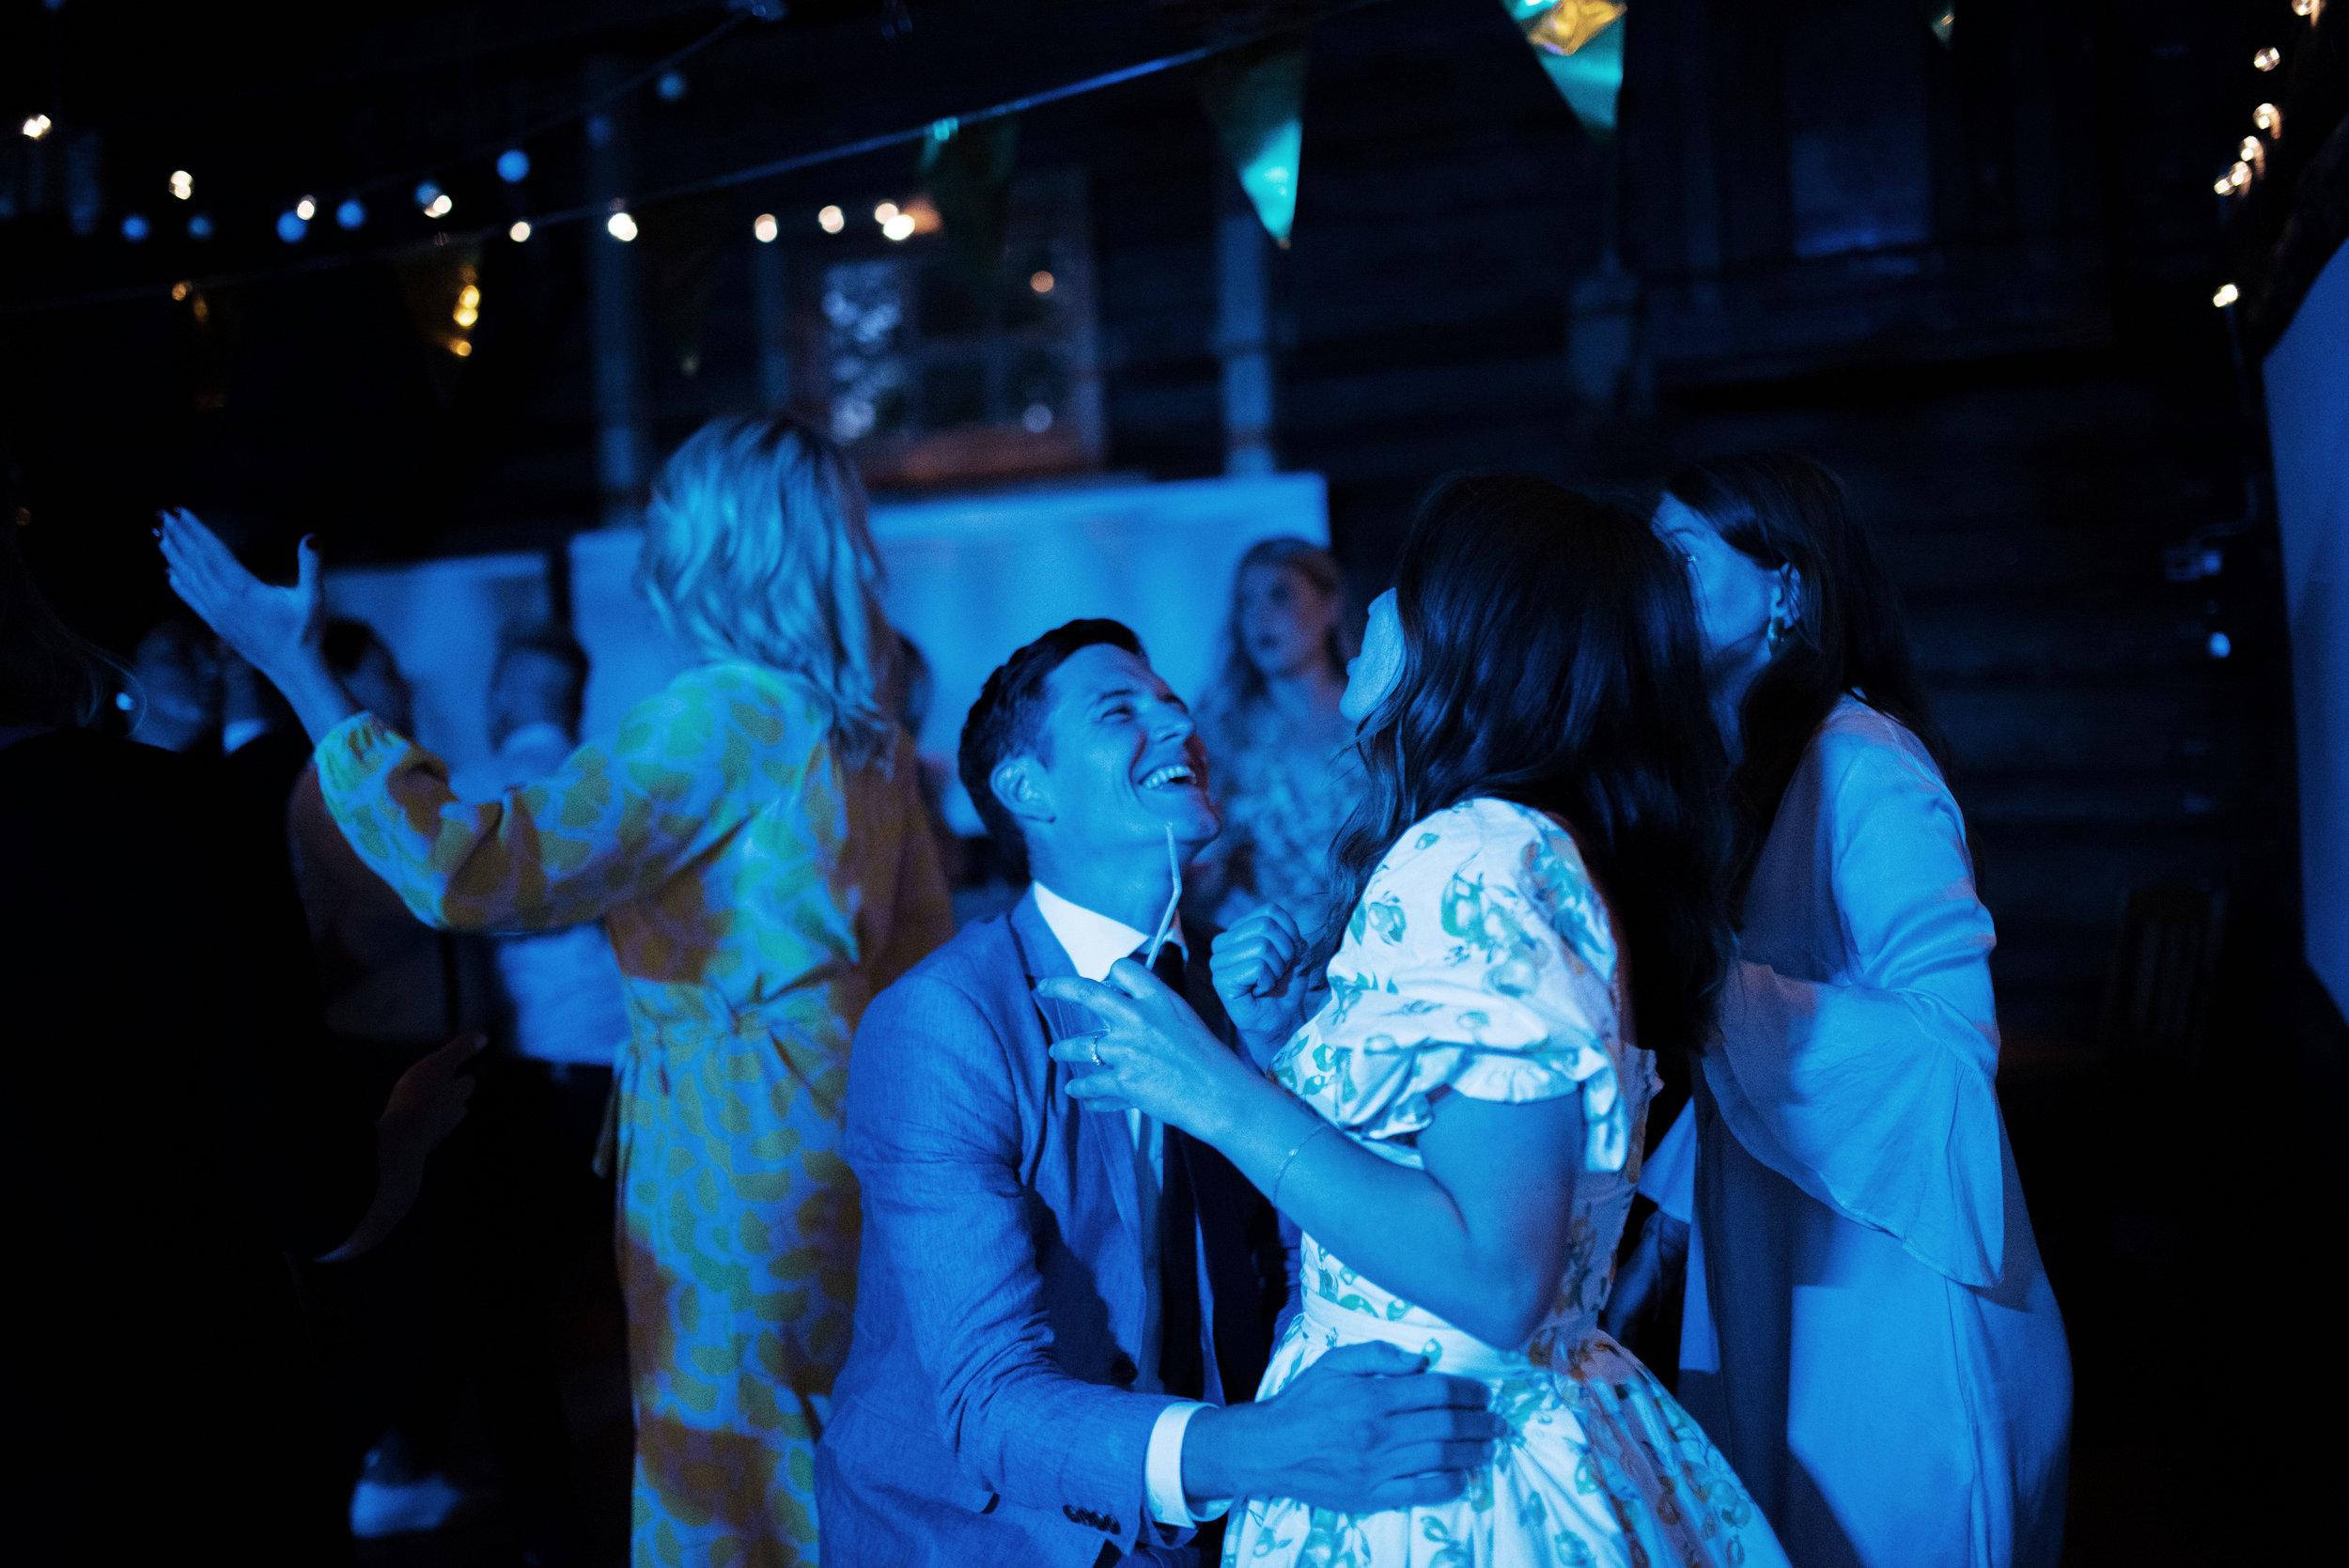 Bröllop2019lågkvall2-6535.jpg